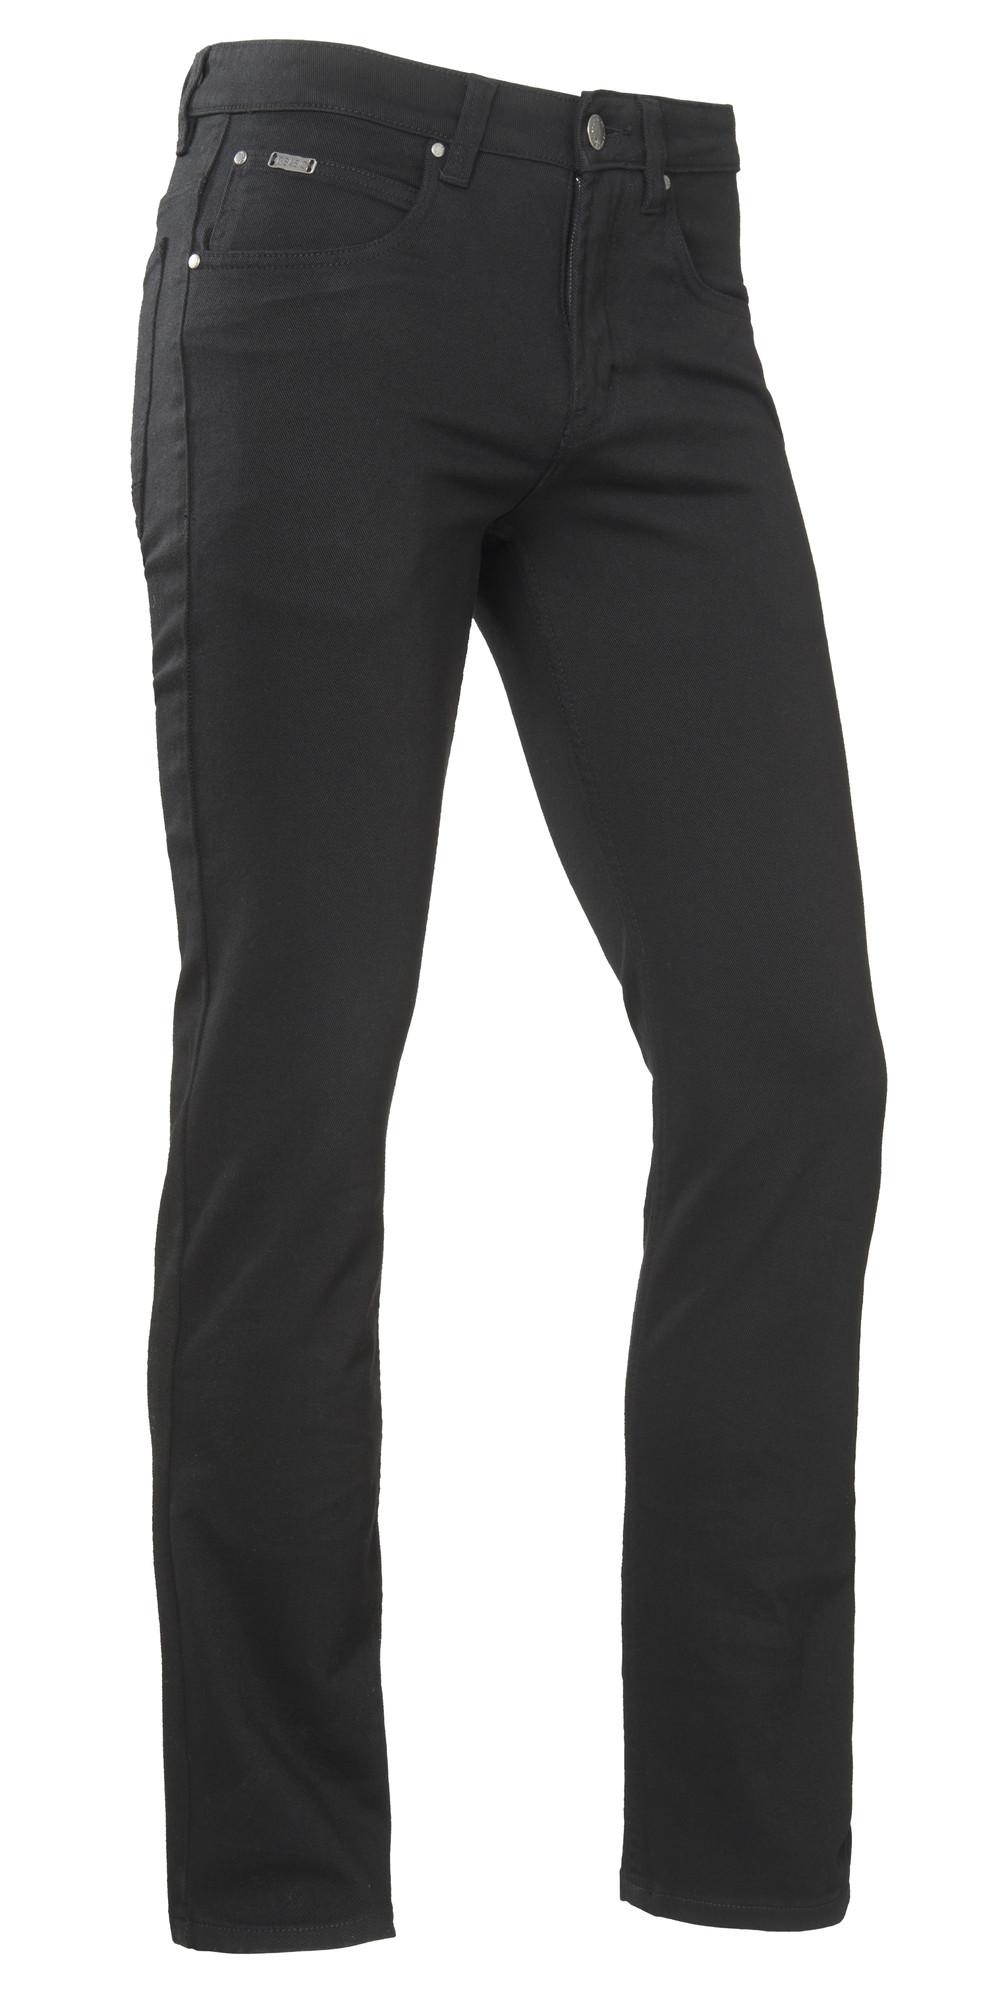 Brams Paris Danny Jeans Stretch (D51 Black Twill) W33-L30